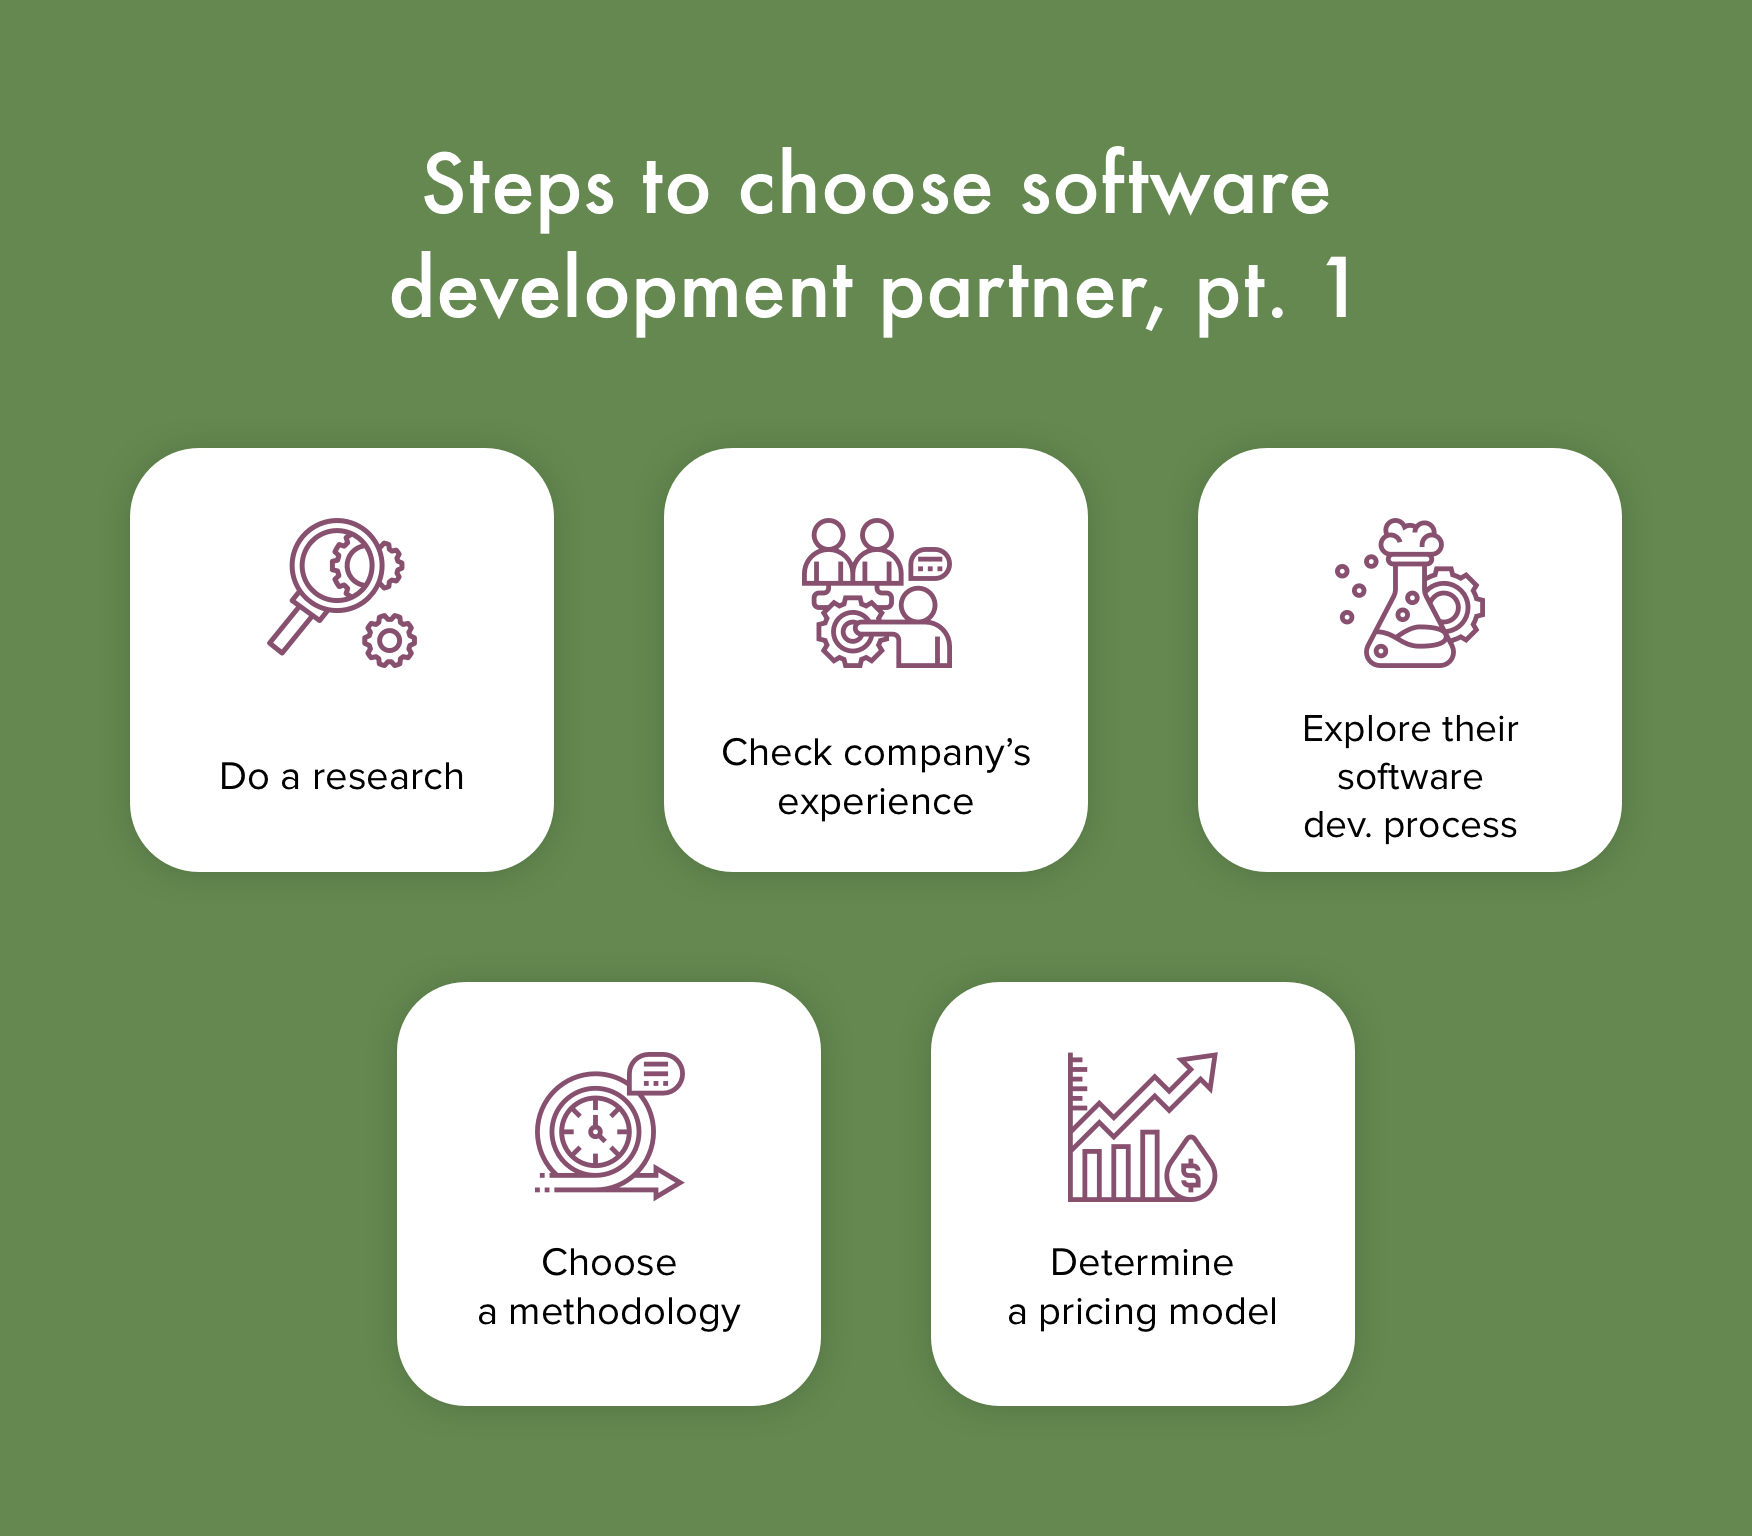 Choose a software development partner